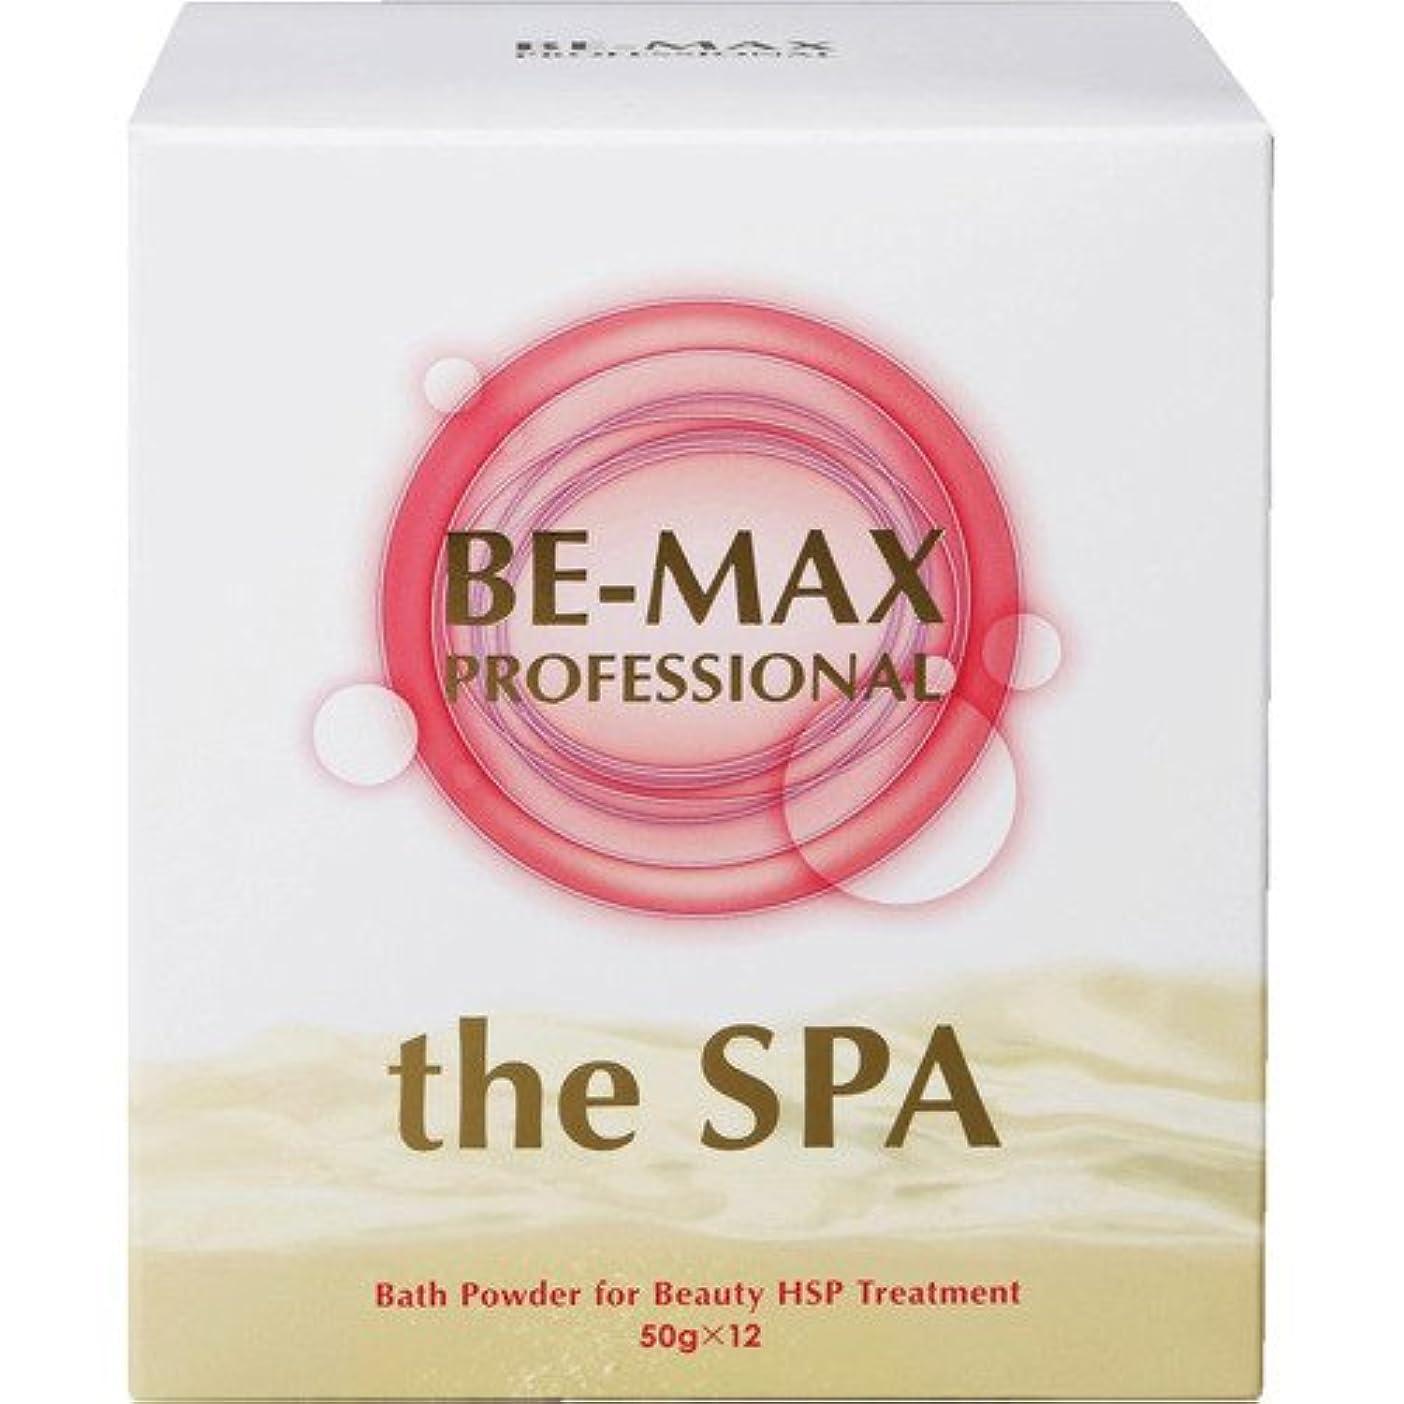 うん販売計画呼吸するBE-MAX the SPA 入浴剤 柑橘系ハーブ精油がふわりと香る微炭酸湯